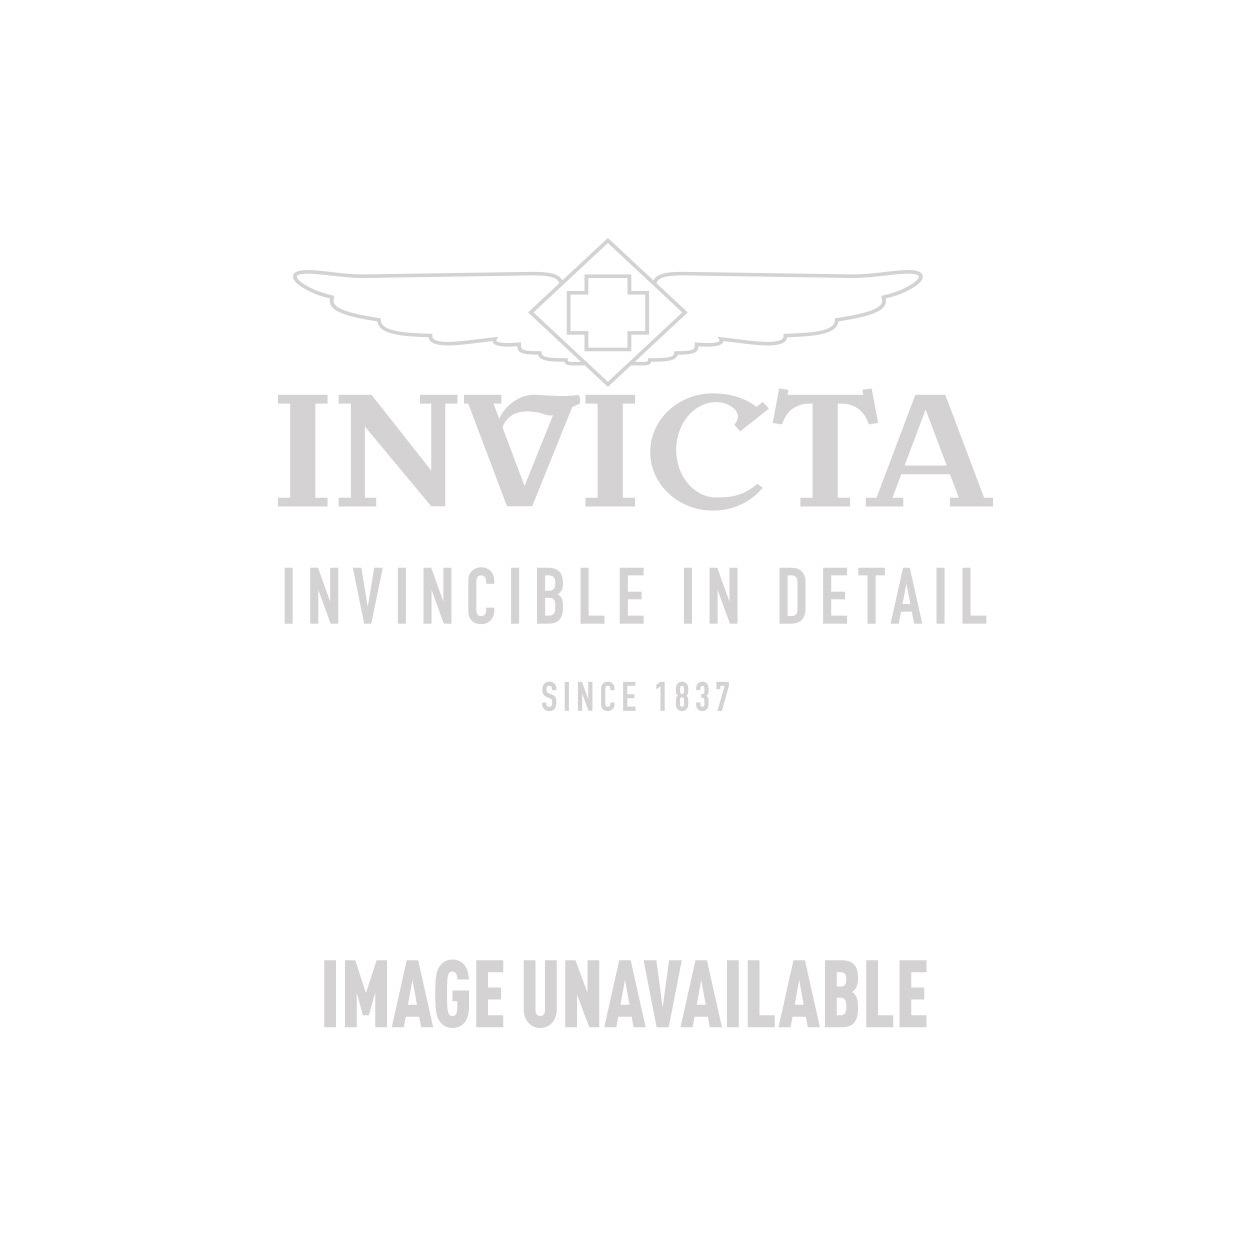 Invicta Model 27940